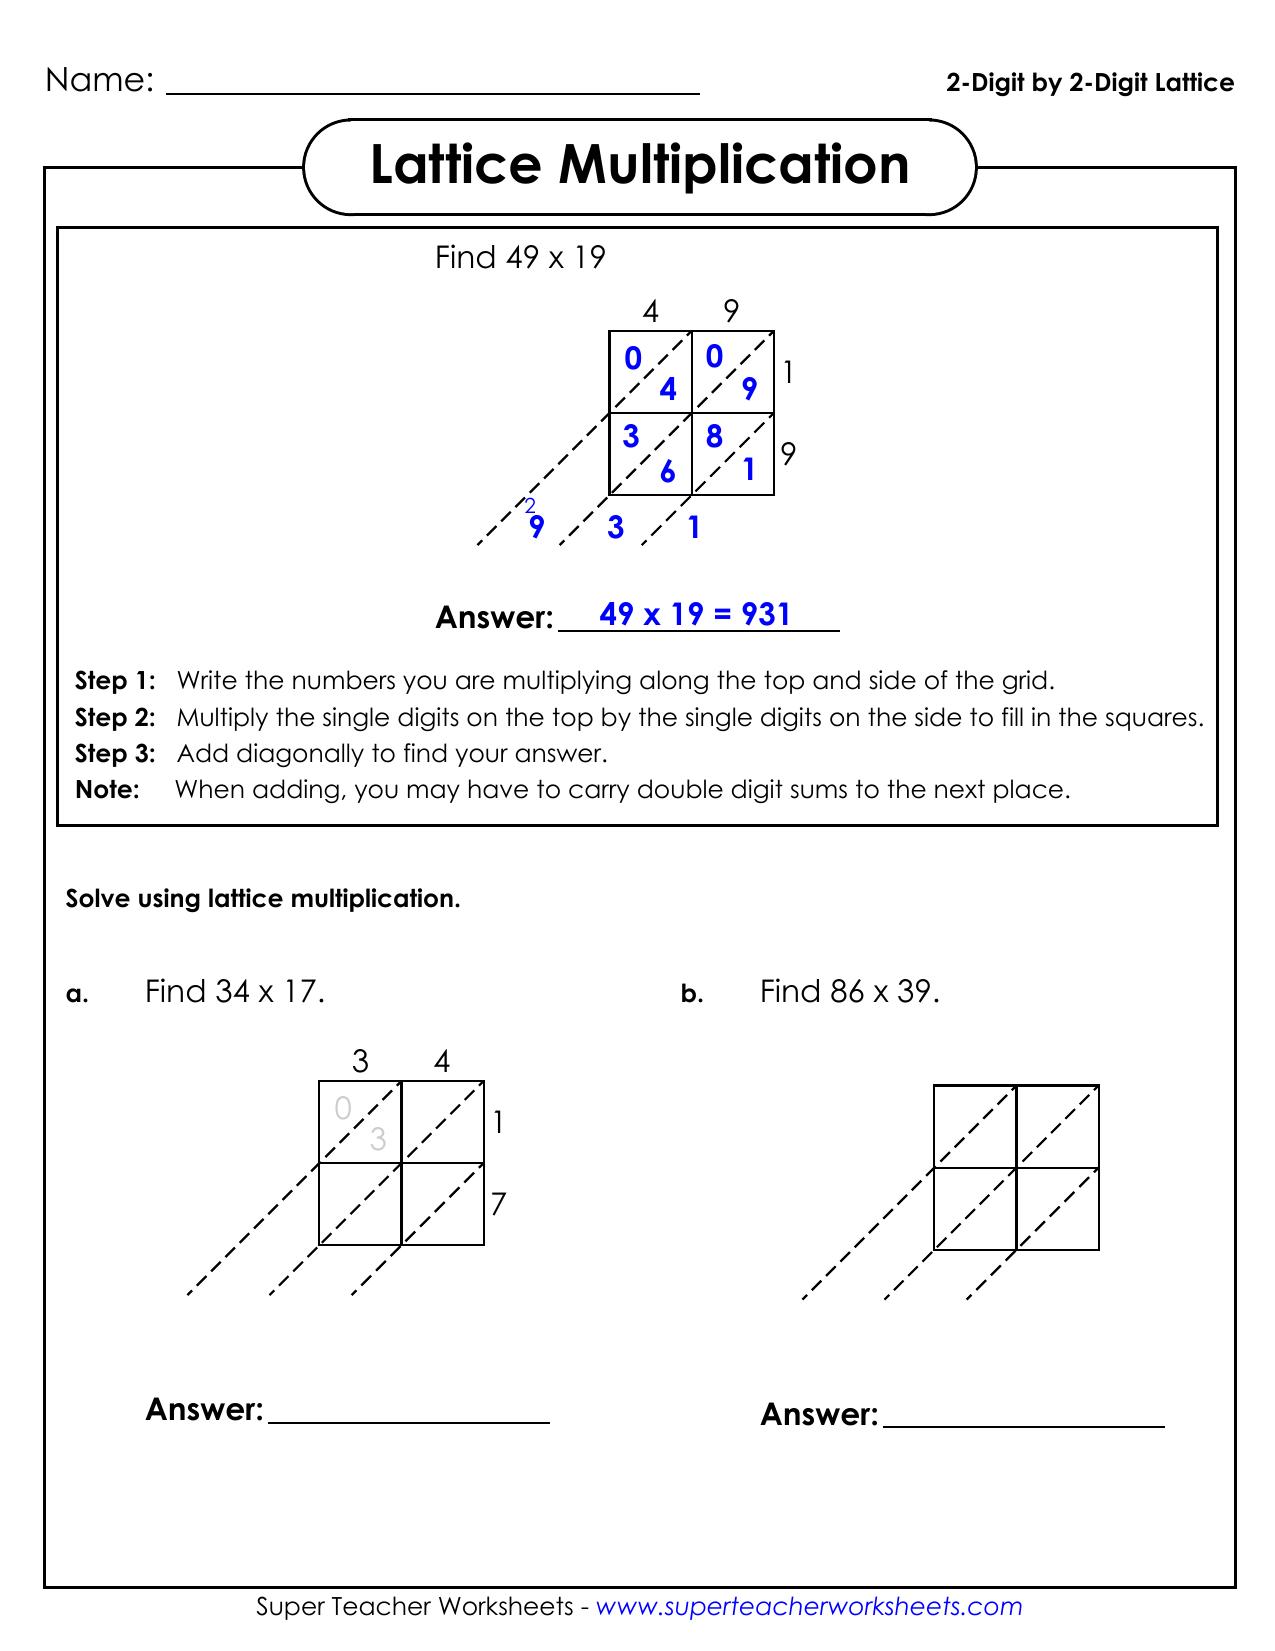 2-Digit2-Digit Lattice Lattice Multiplication intended for Multiplication Worksheets Lattice Method